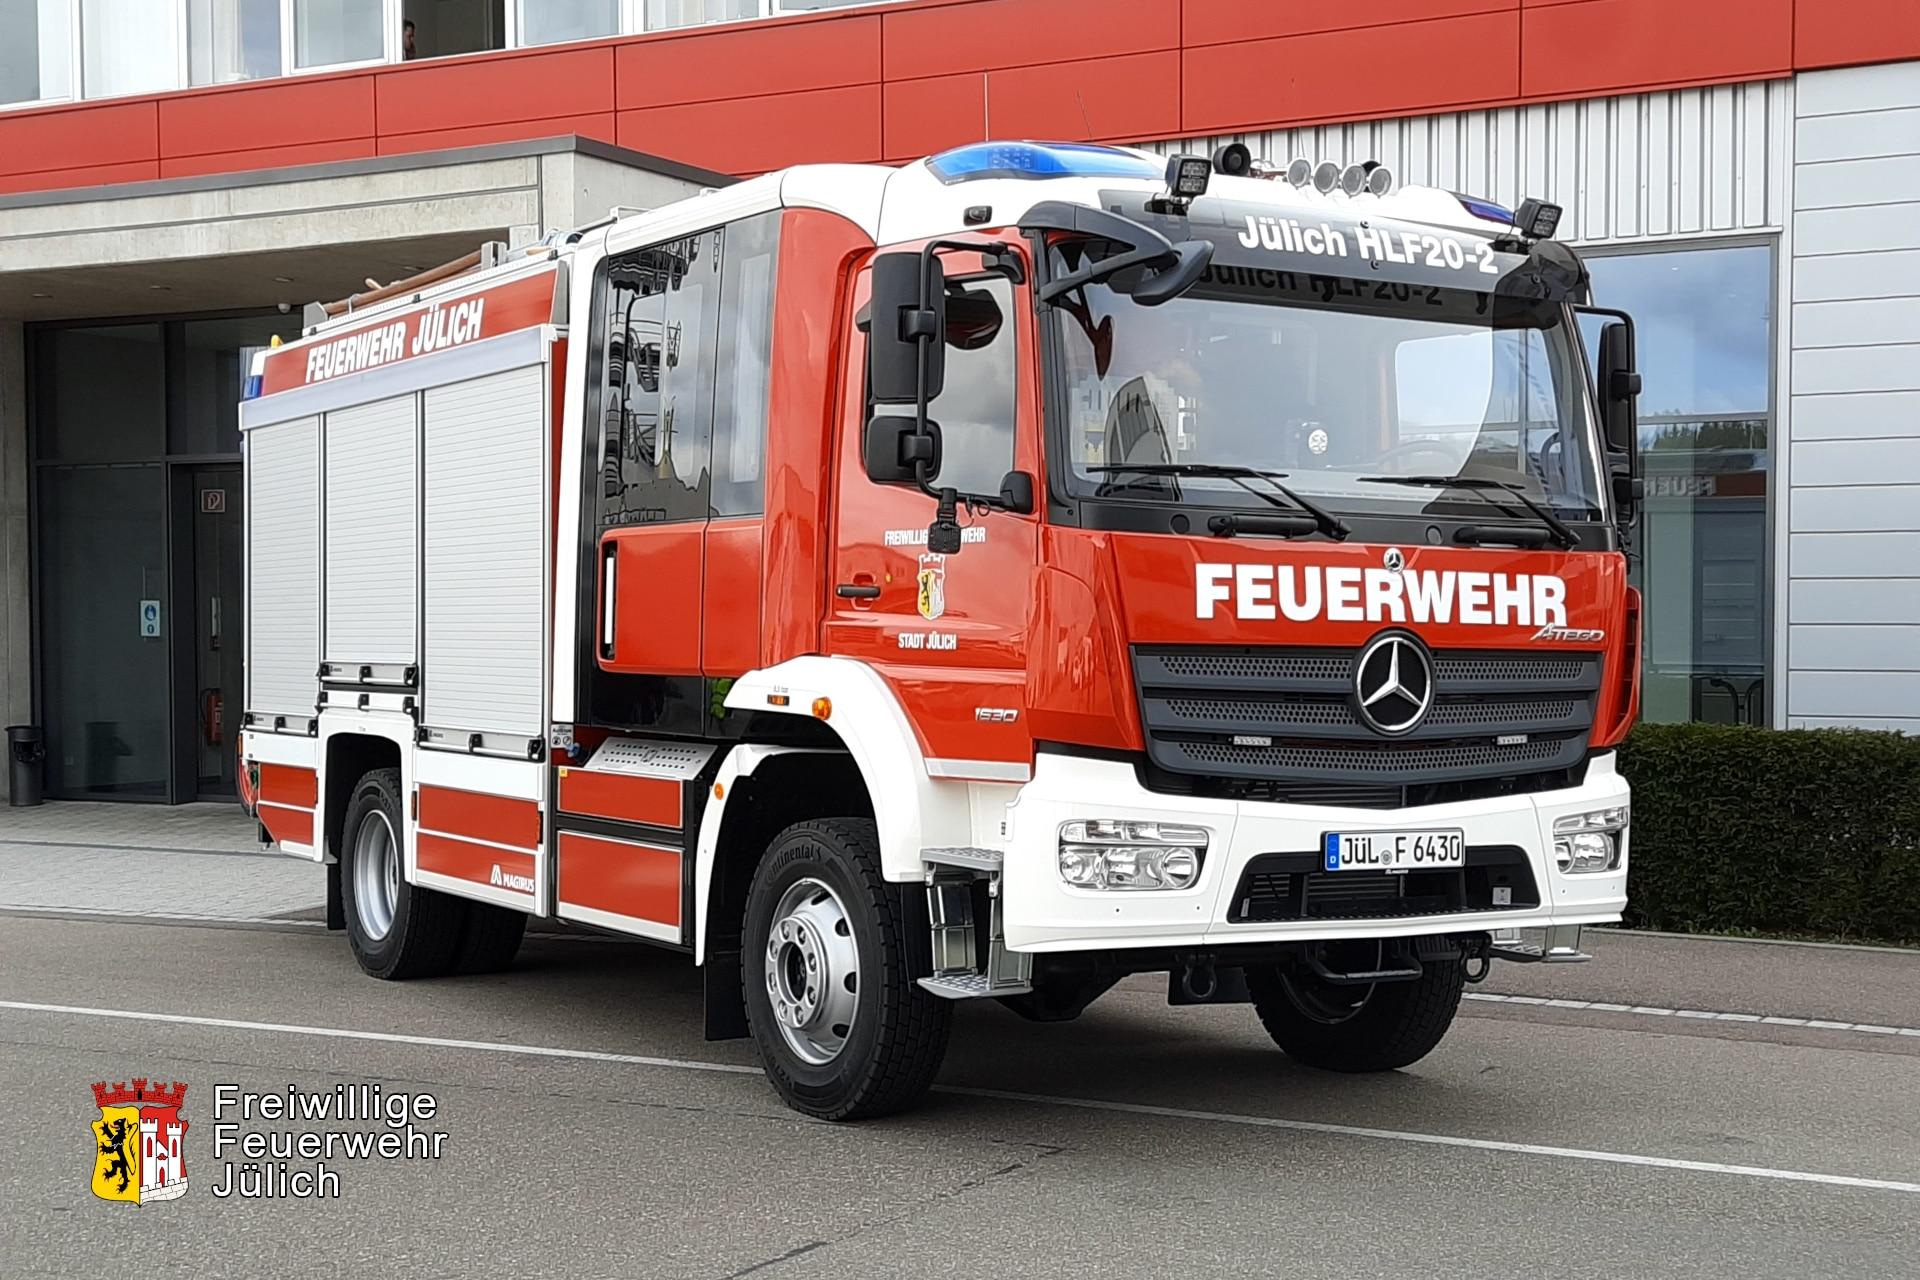 Florian Jülich HLF20-2